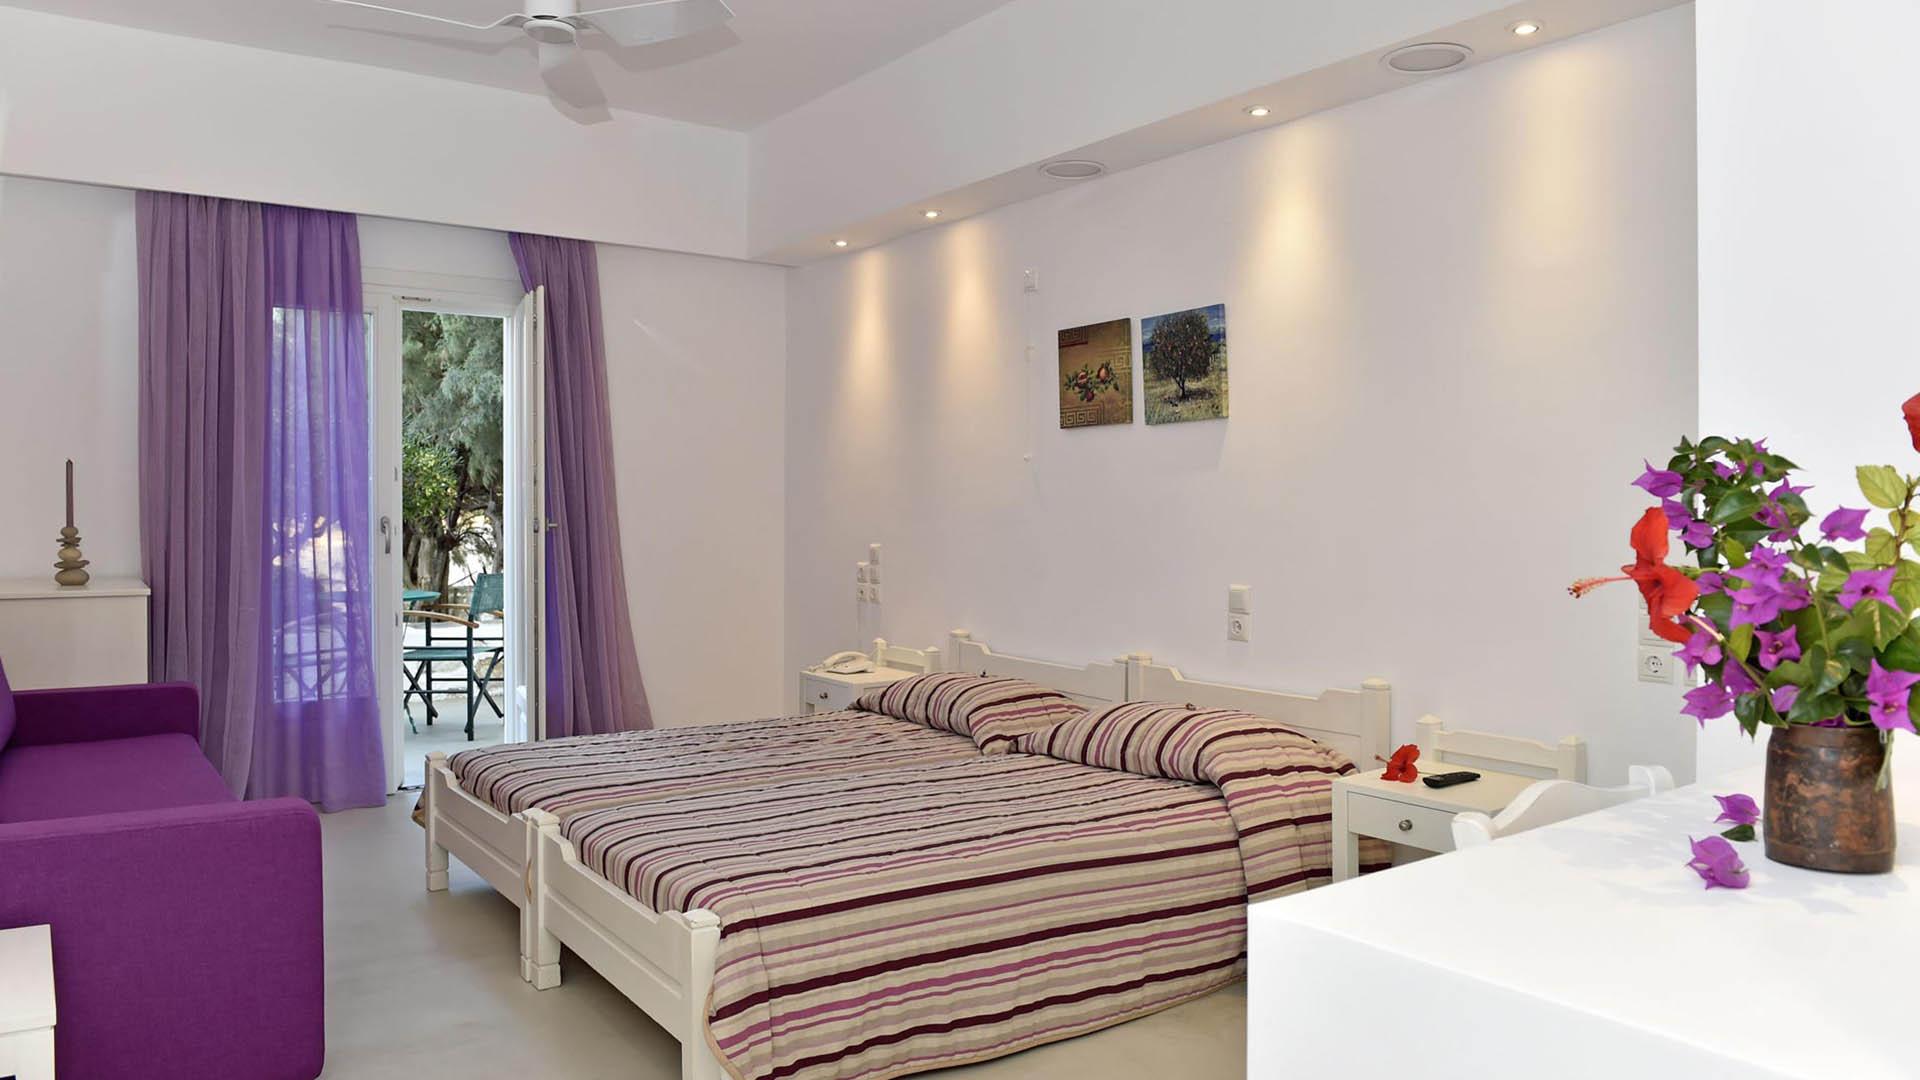 Η-_0002_kalypsohotel-rooms-paros1